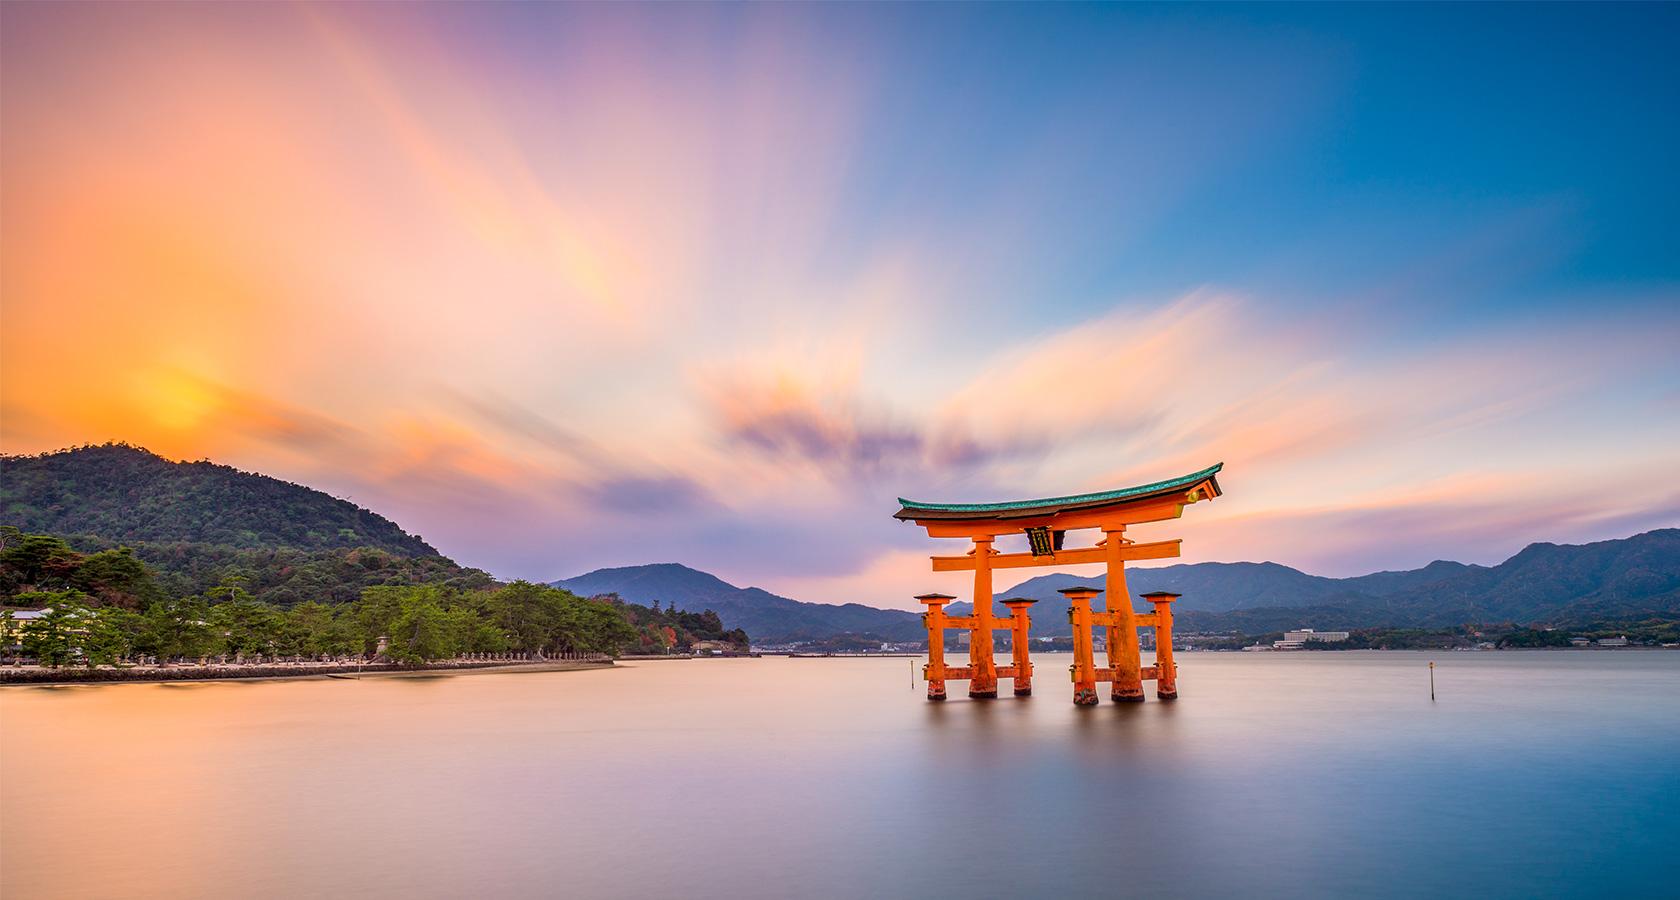 Япония приняла экологическую стратегию для борьбы с изменением климата